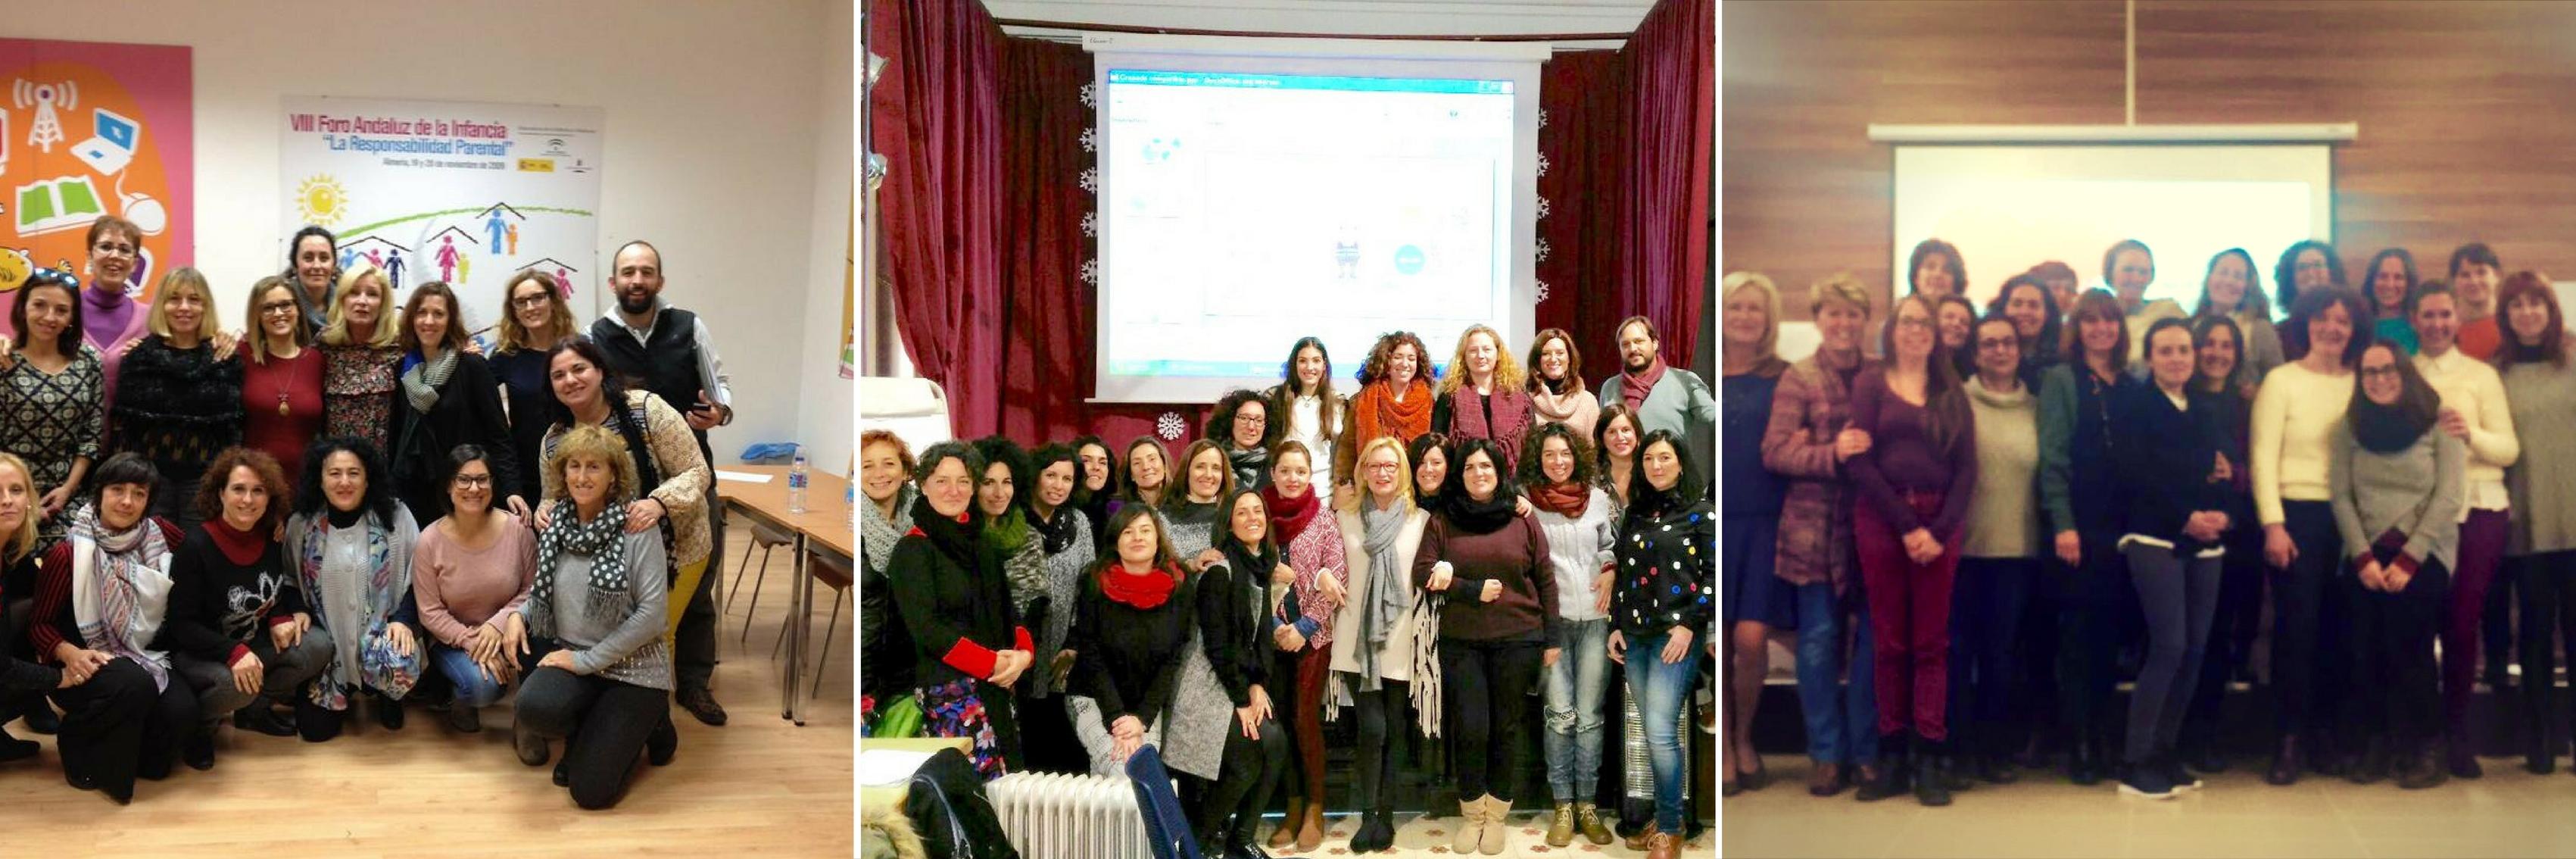 Disciplina-Positiva Disciplina Positiva y Plataforma de Profesionales de Tratamiento Familiar de Andalucía